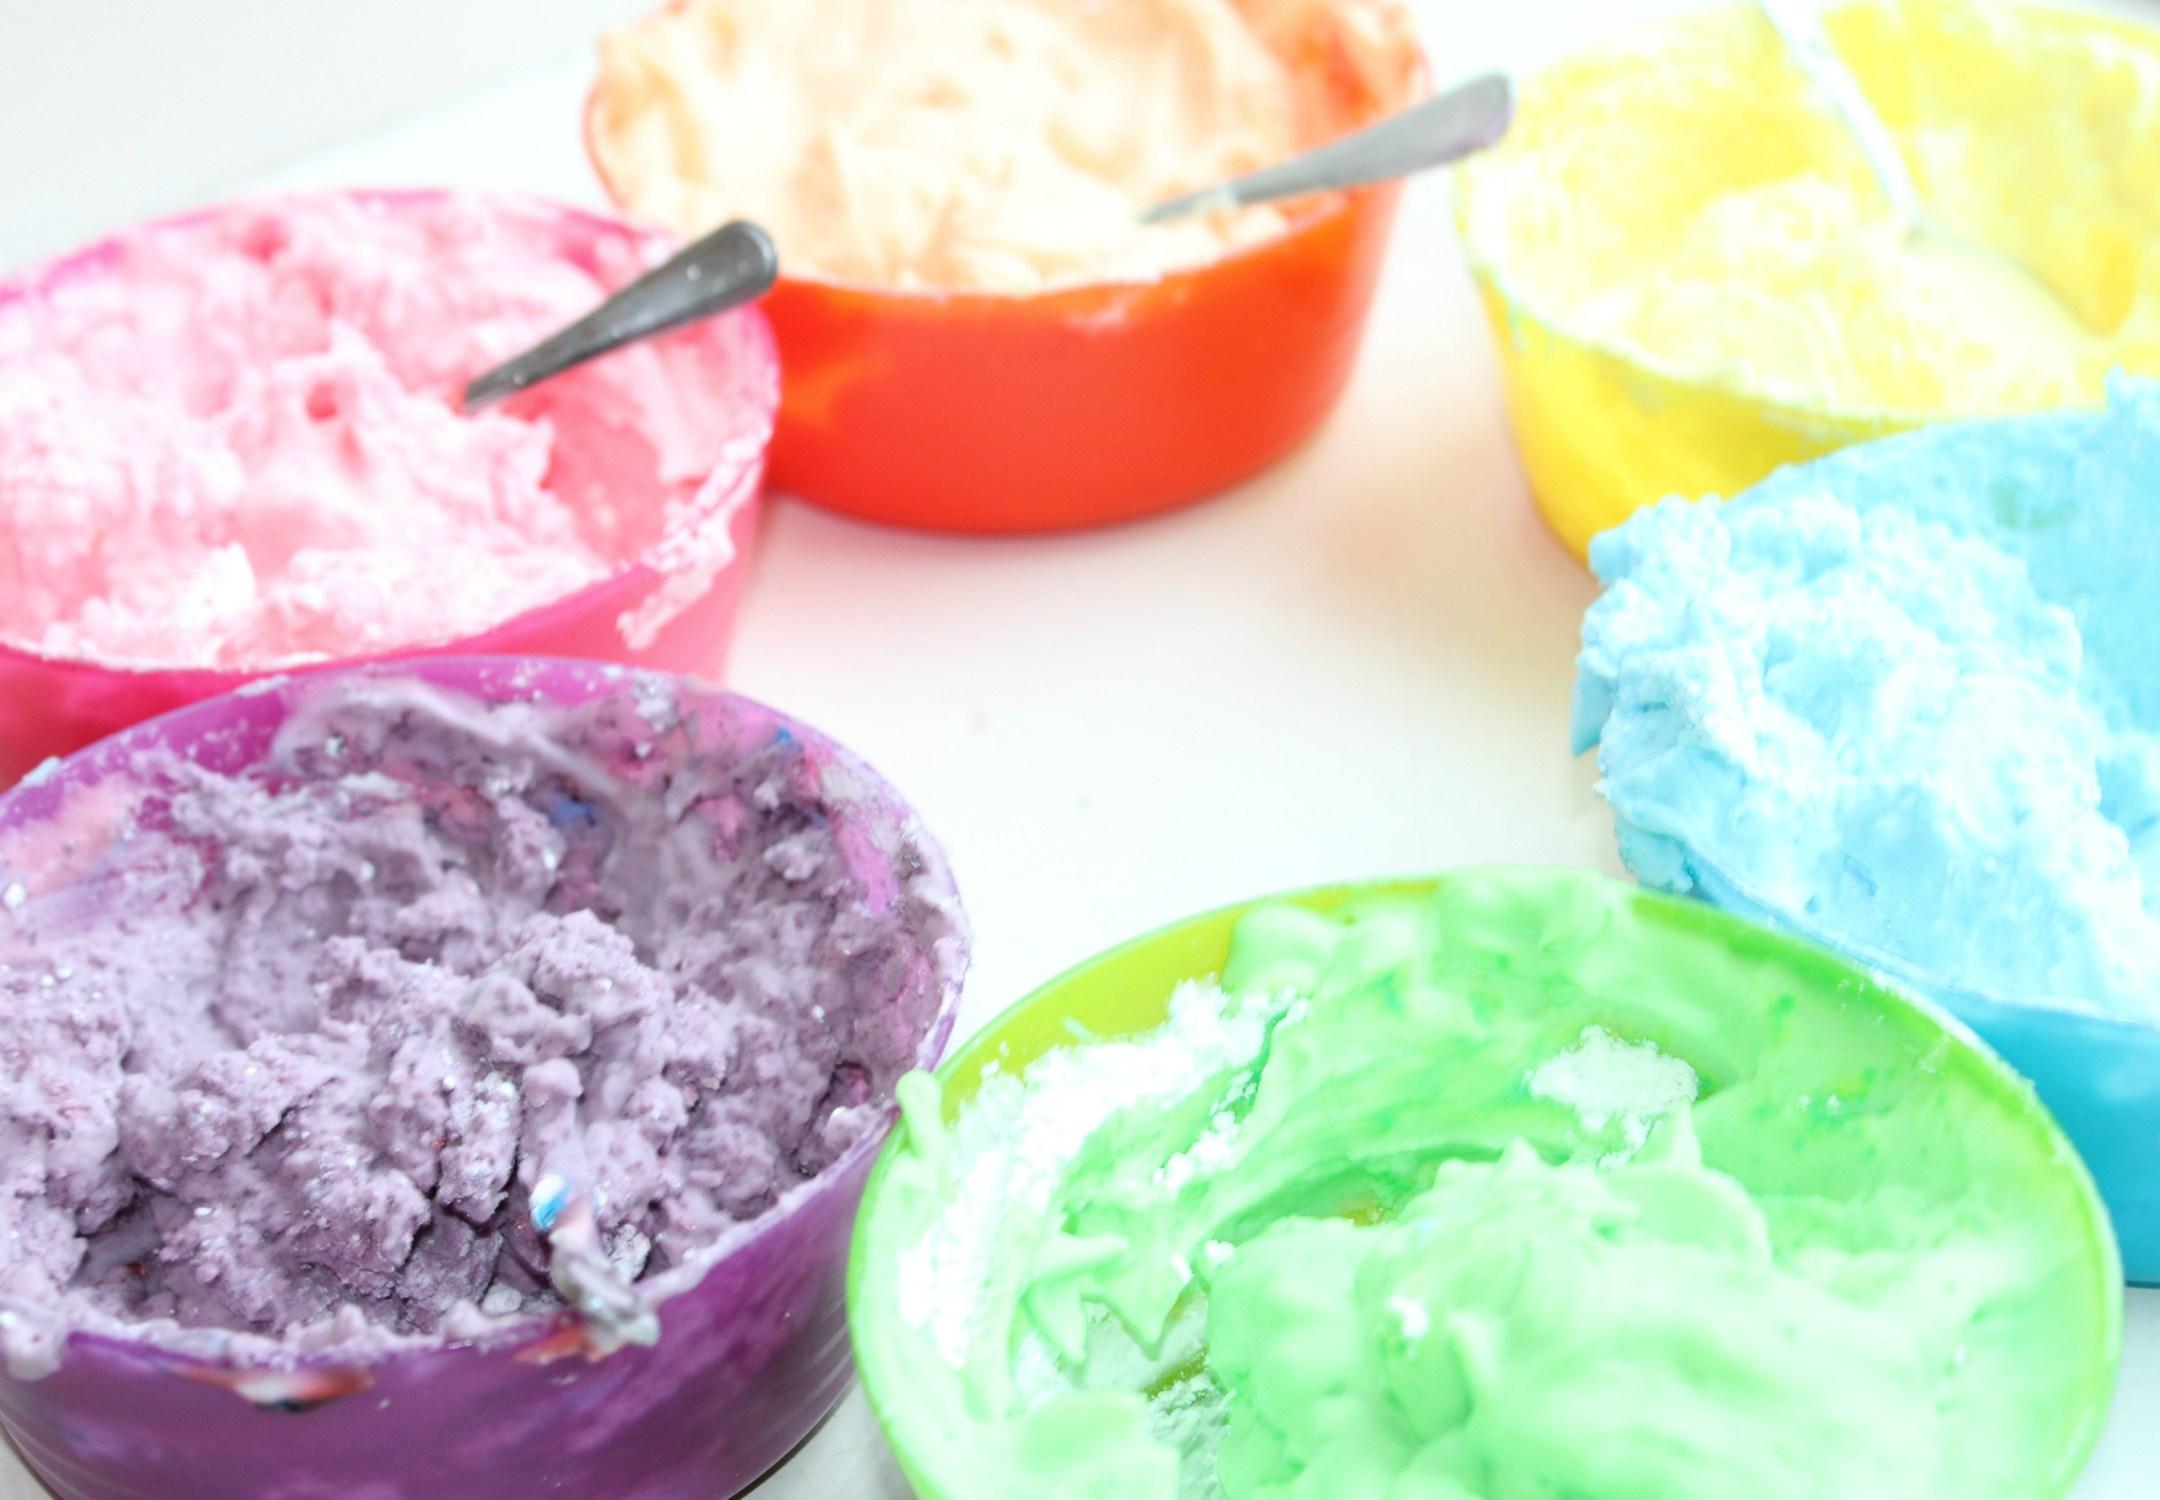 kinderactiviteiten binnen - DIY: klei maken van maizena en scheerschuim